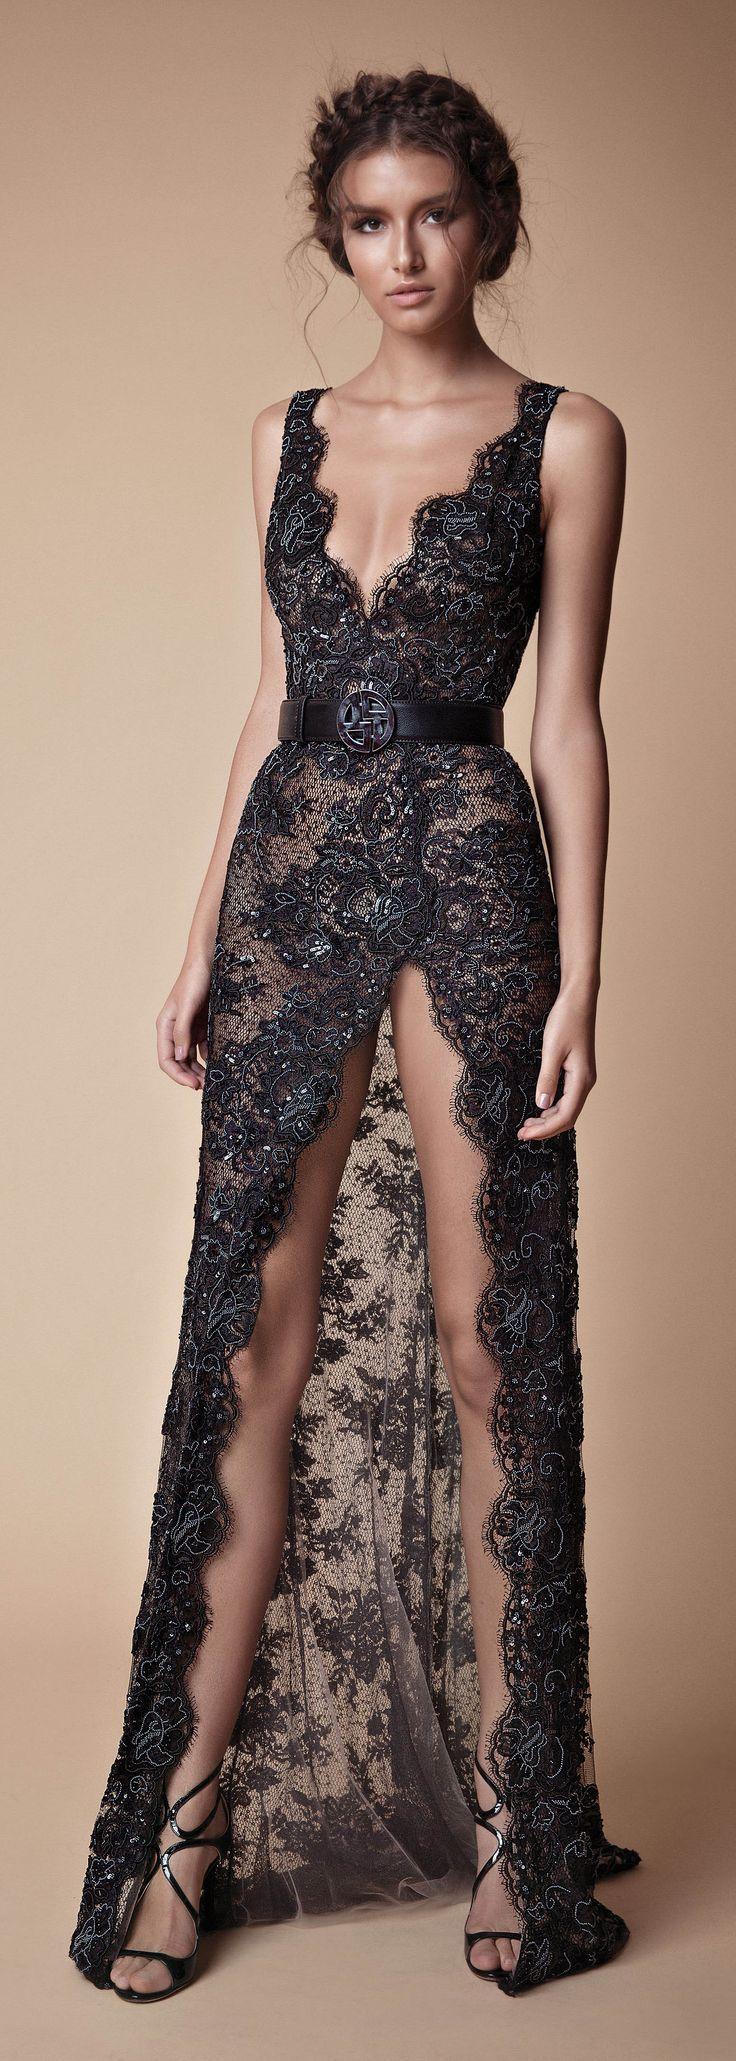 best maxi dress images on pinterest dress skirt evening gowns